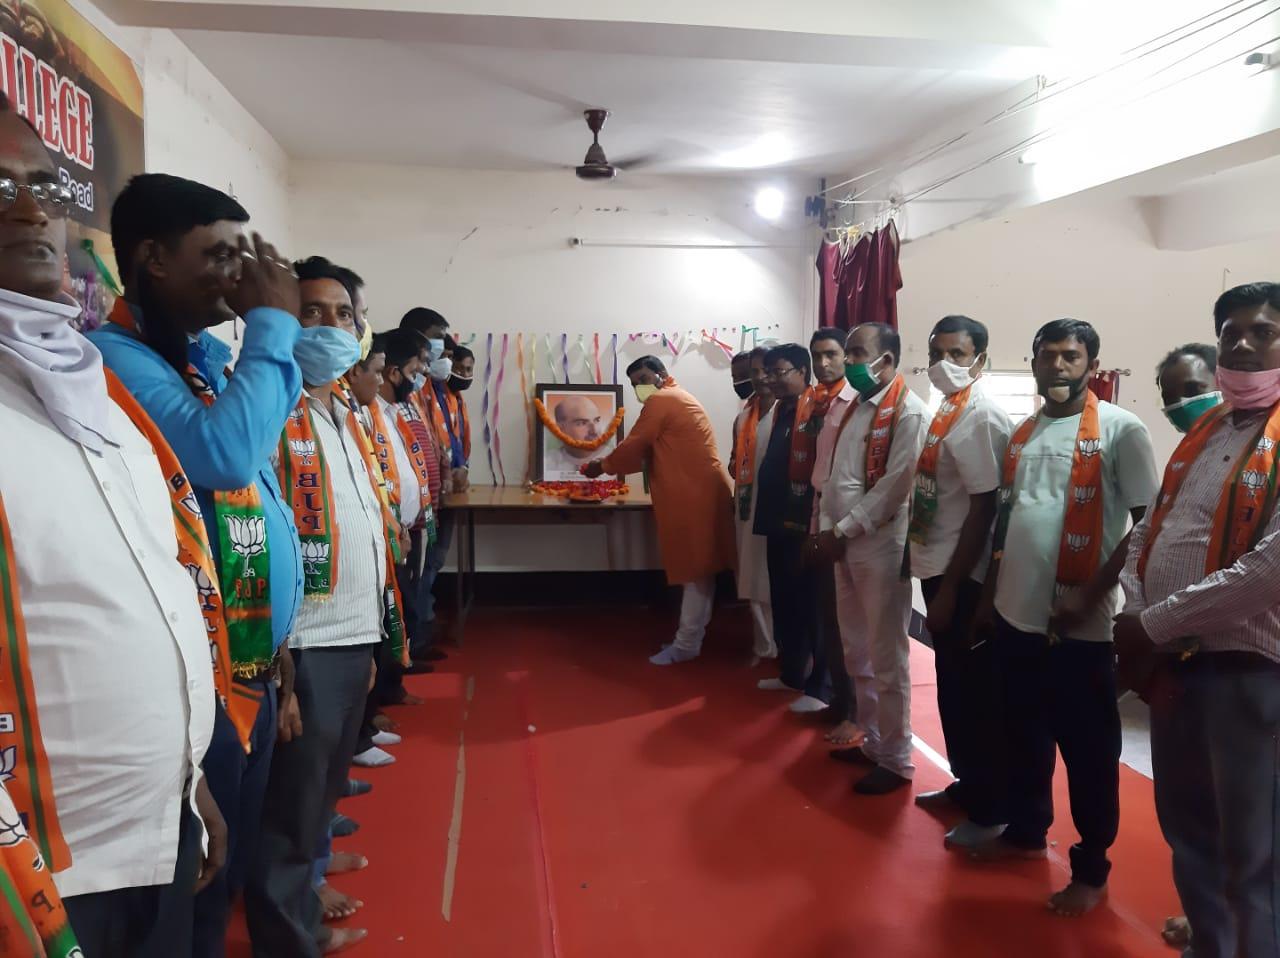 बलियापुर स्थित प्रिजन B.Ed कॉलेज के प्रांगण में स्वर्गीय श्यामा प्रसाद मुखर्जी का बलिदान दिवस मनाया गया